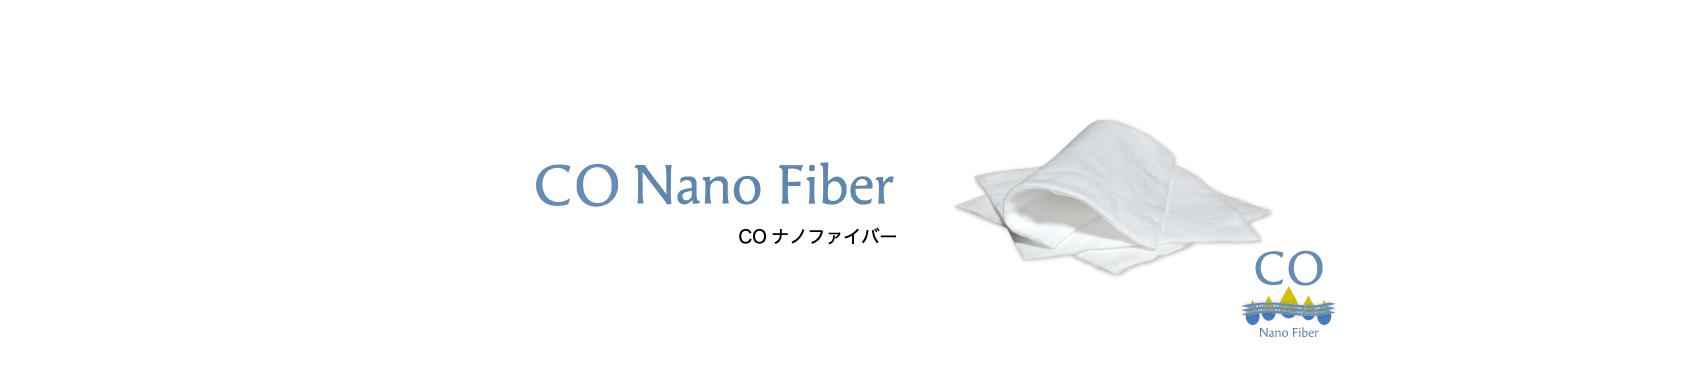 CO Nano Fiber